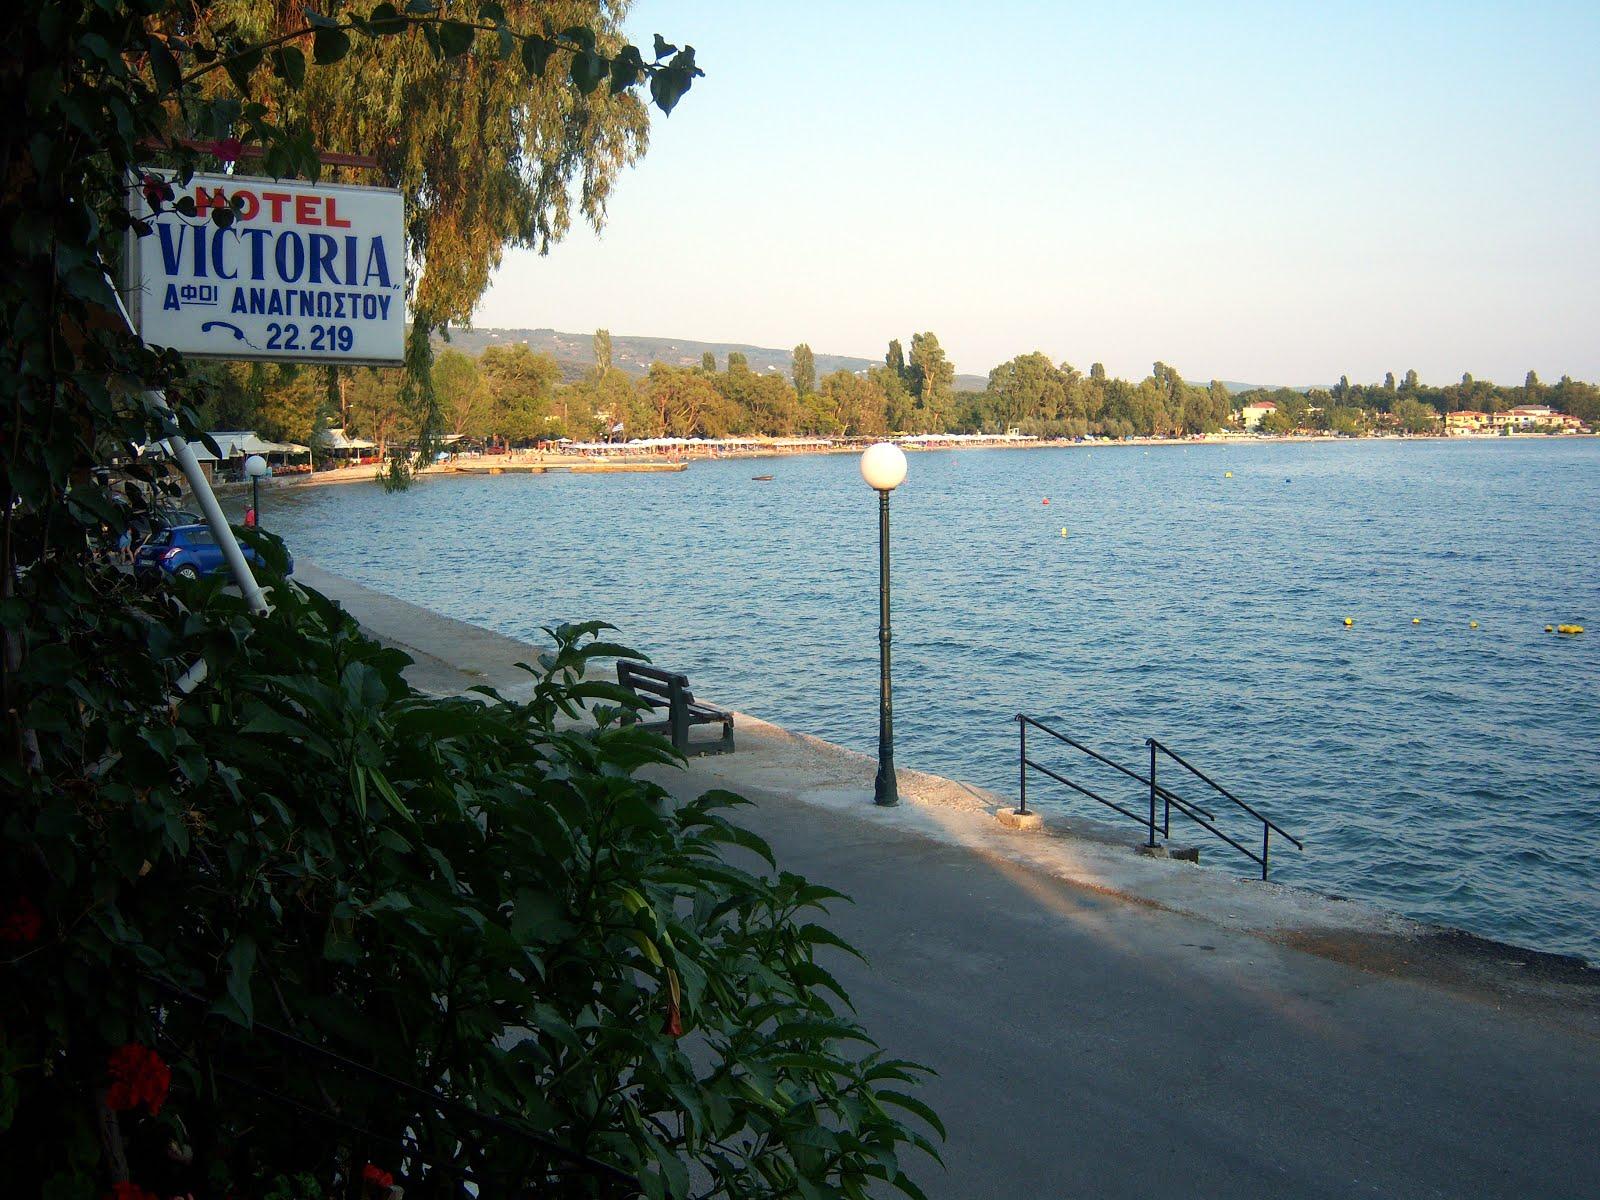 Ένα παραλιακό φιλικό ξενοδοχείο στα Καλά Νερά Πηλίου!